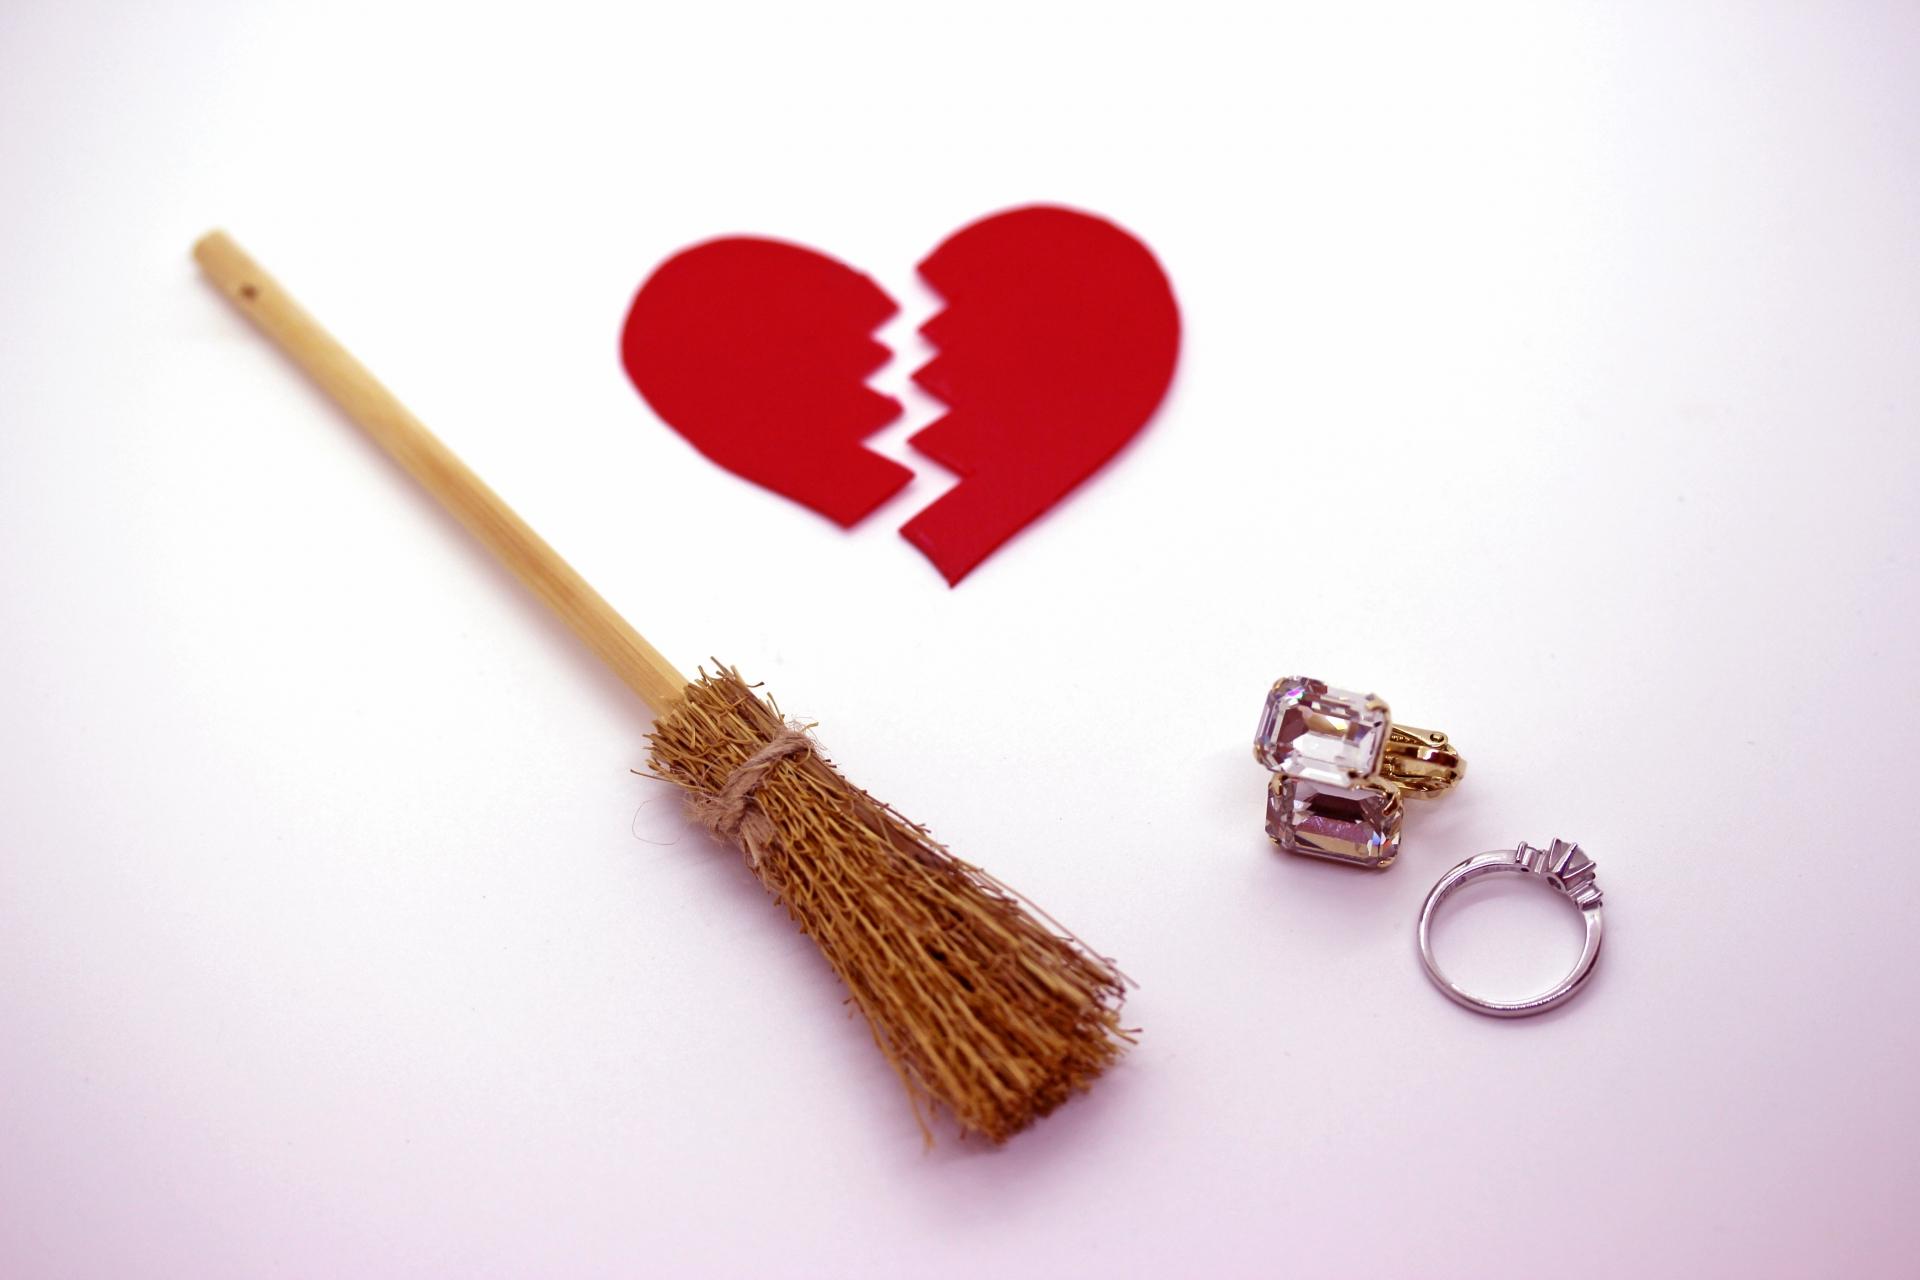 失恋から1年も経っても立ち直れない。恋人が忘れられない時の対処法